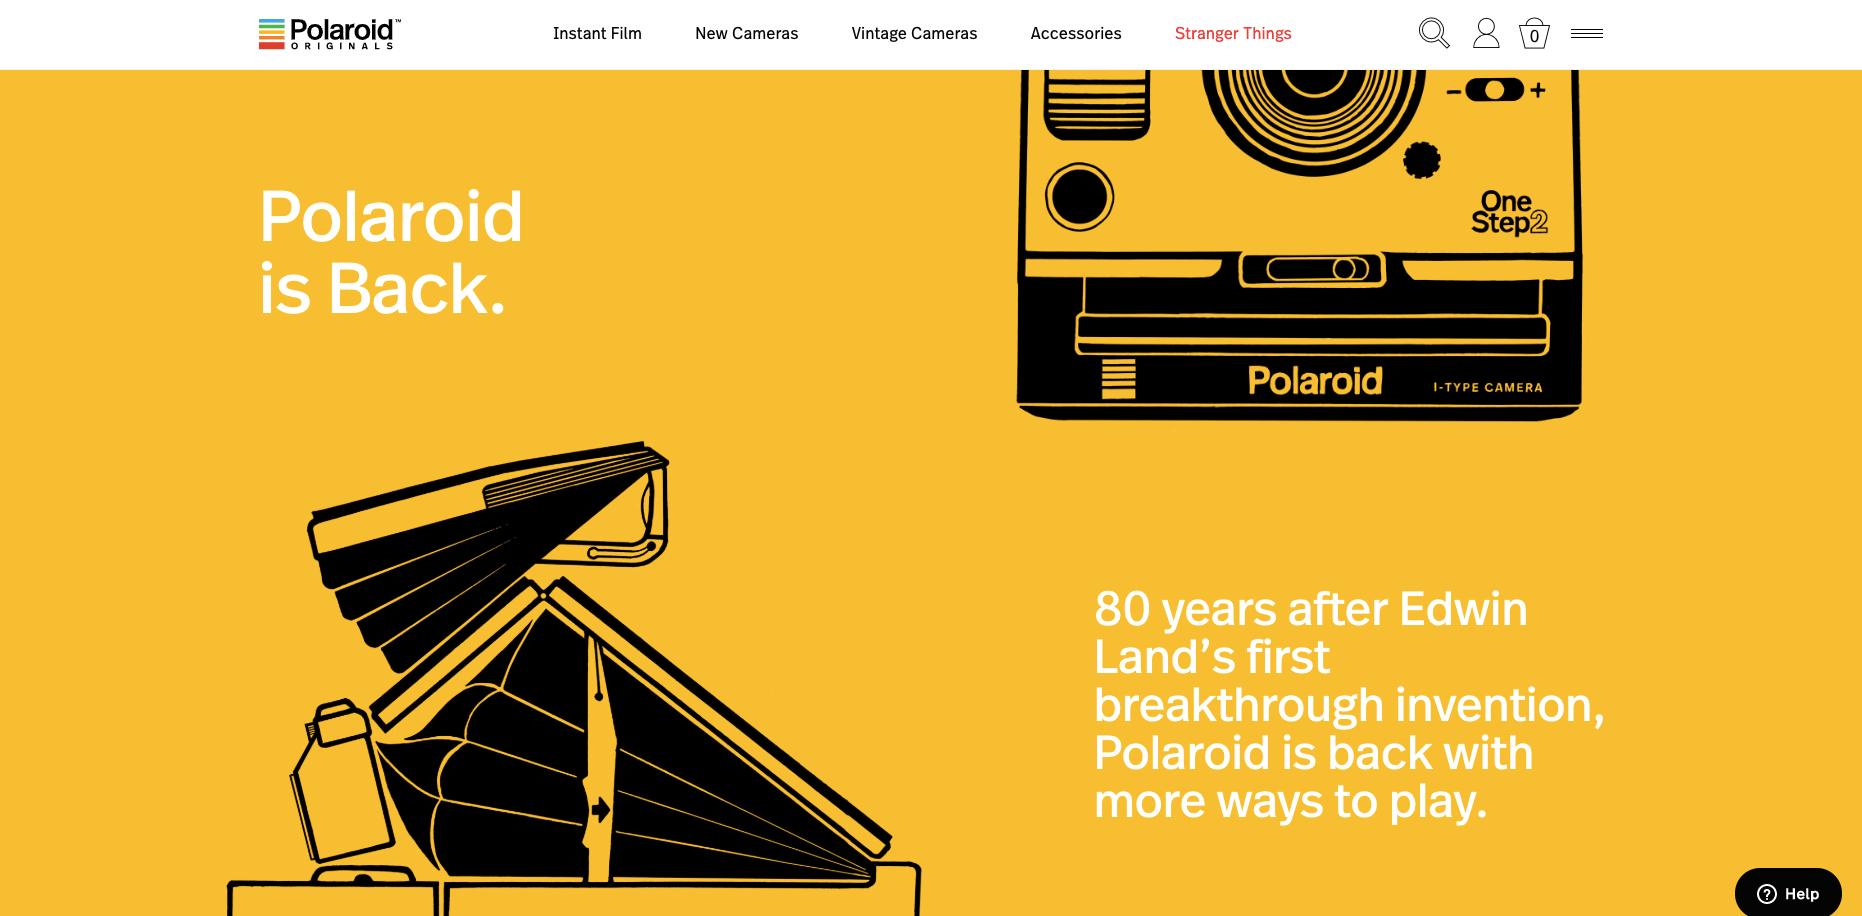 Brand storytelling - polaroids story